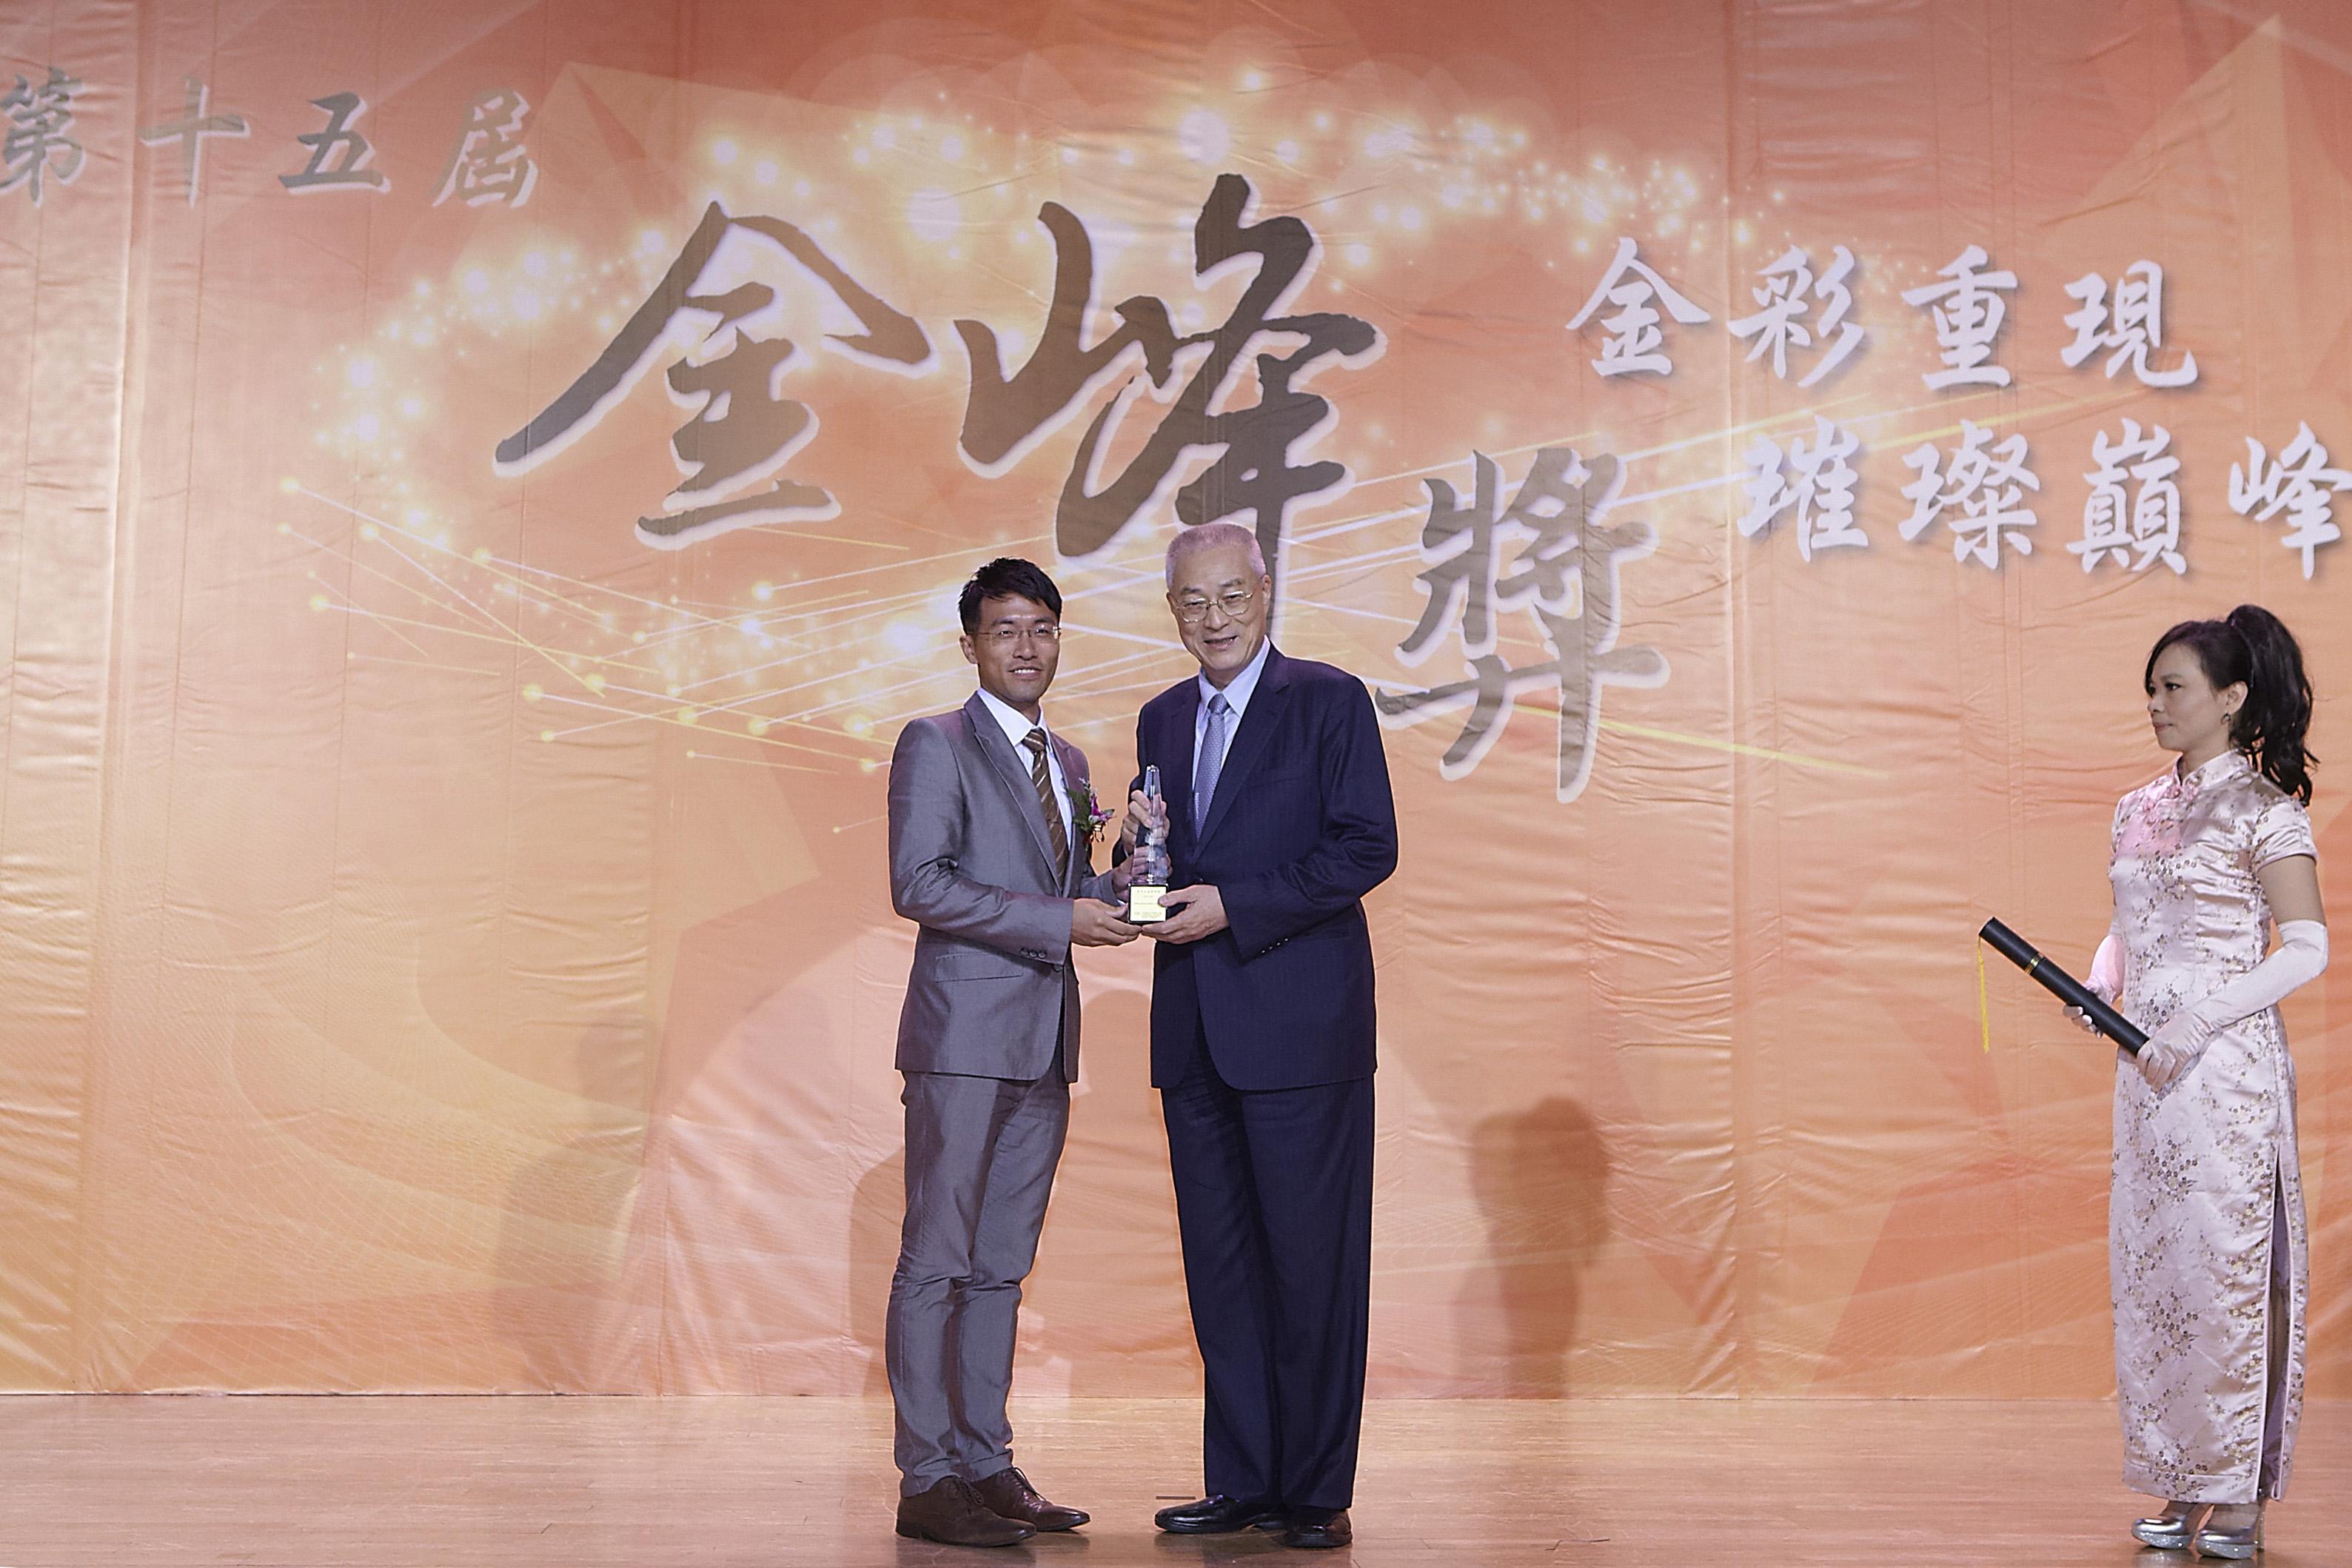 恭喜法博思品牌顧問公司榮獲第15屆傑出企業金峰獎!